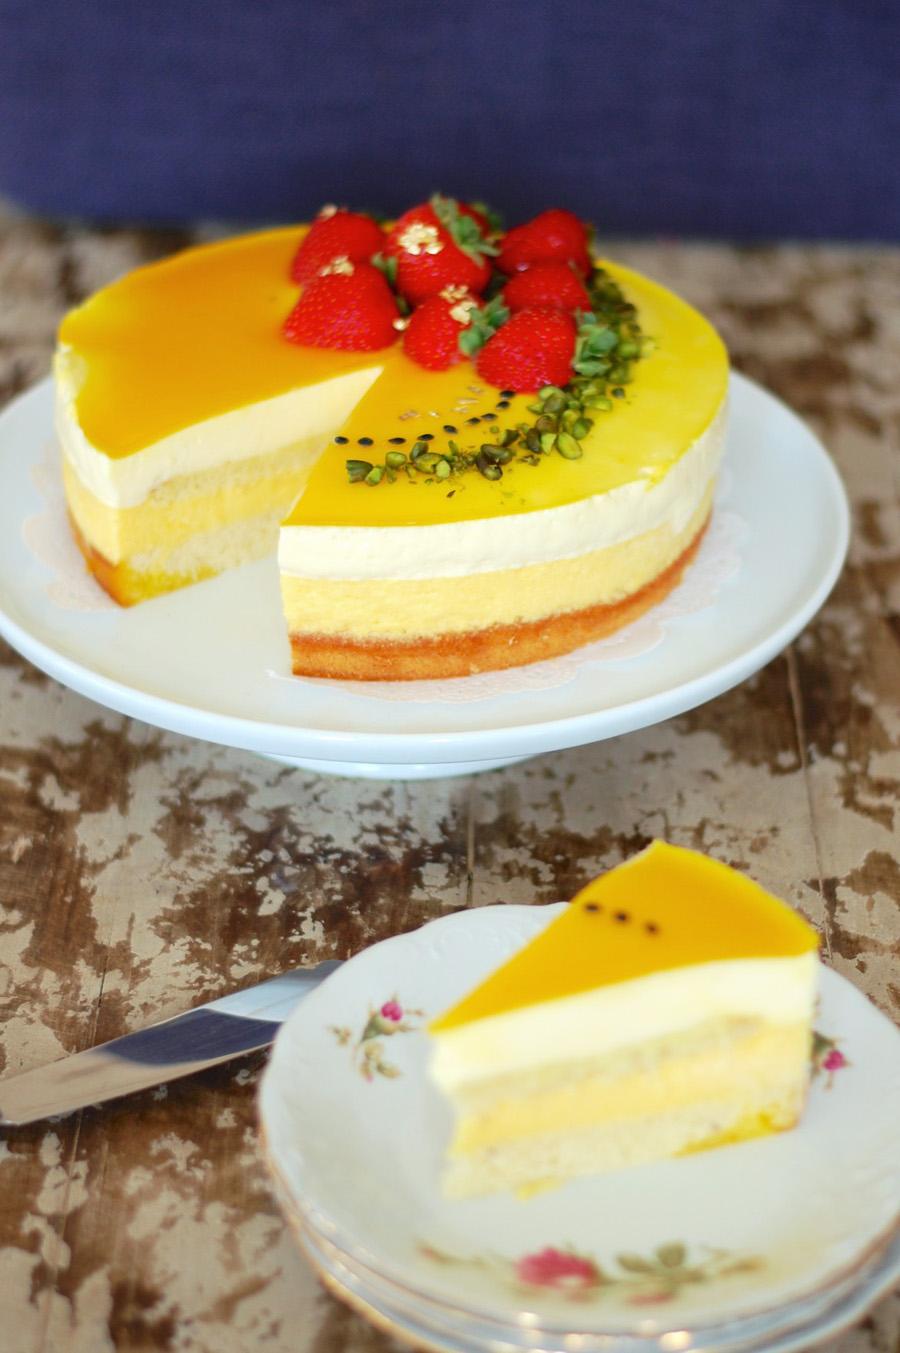 Copenhagencakes-Copenhagen-cakes-passion-for-passionskage-5